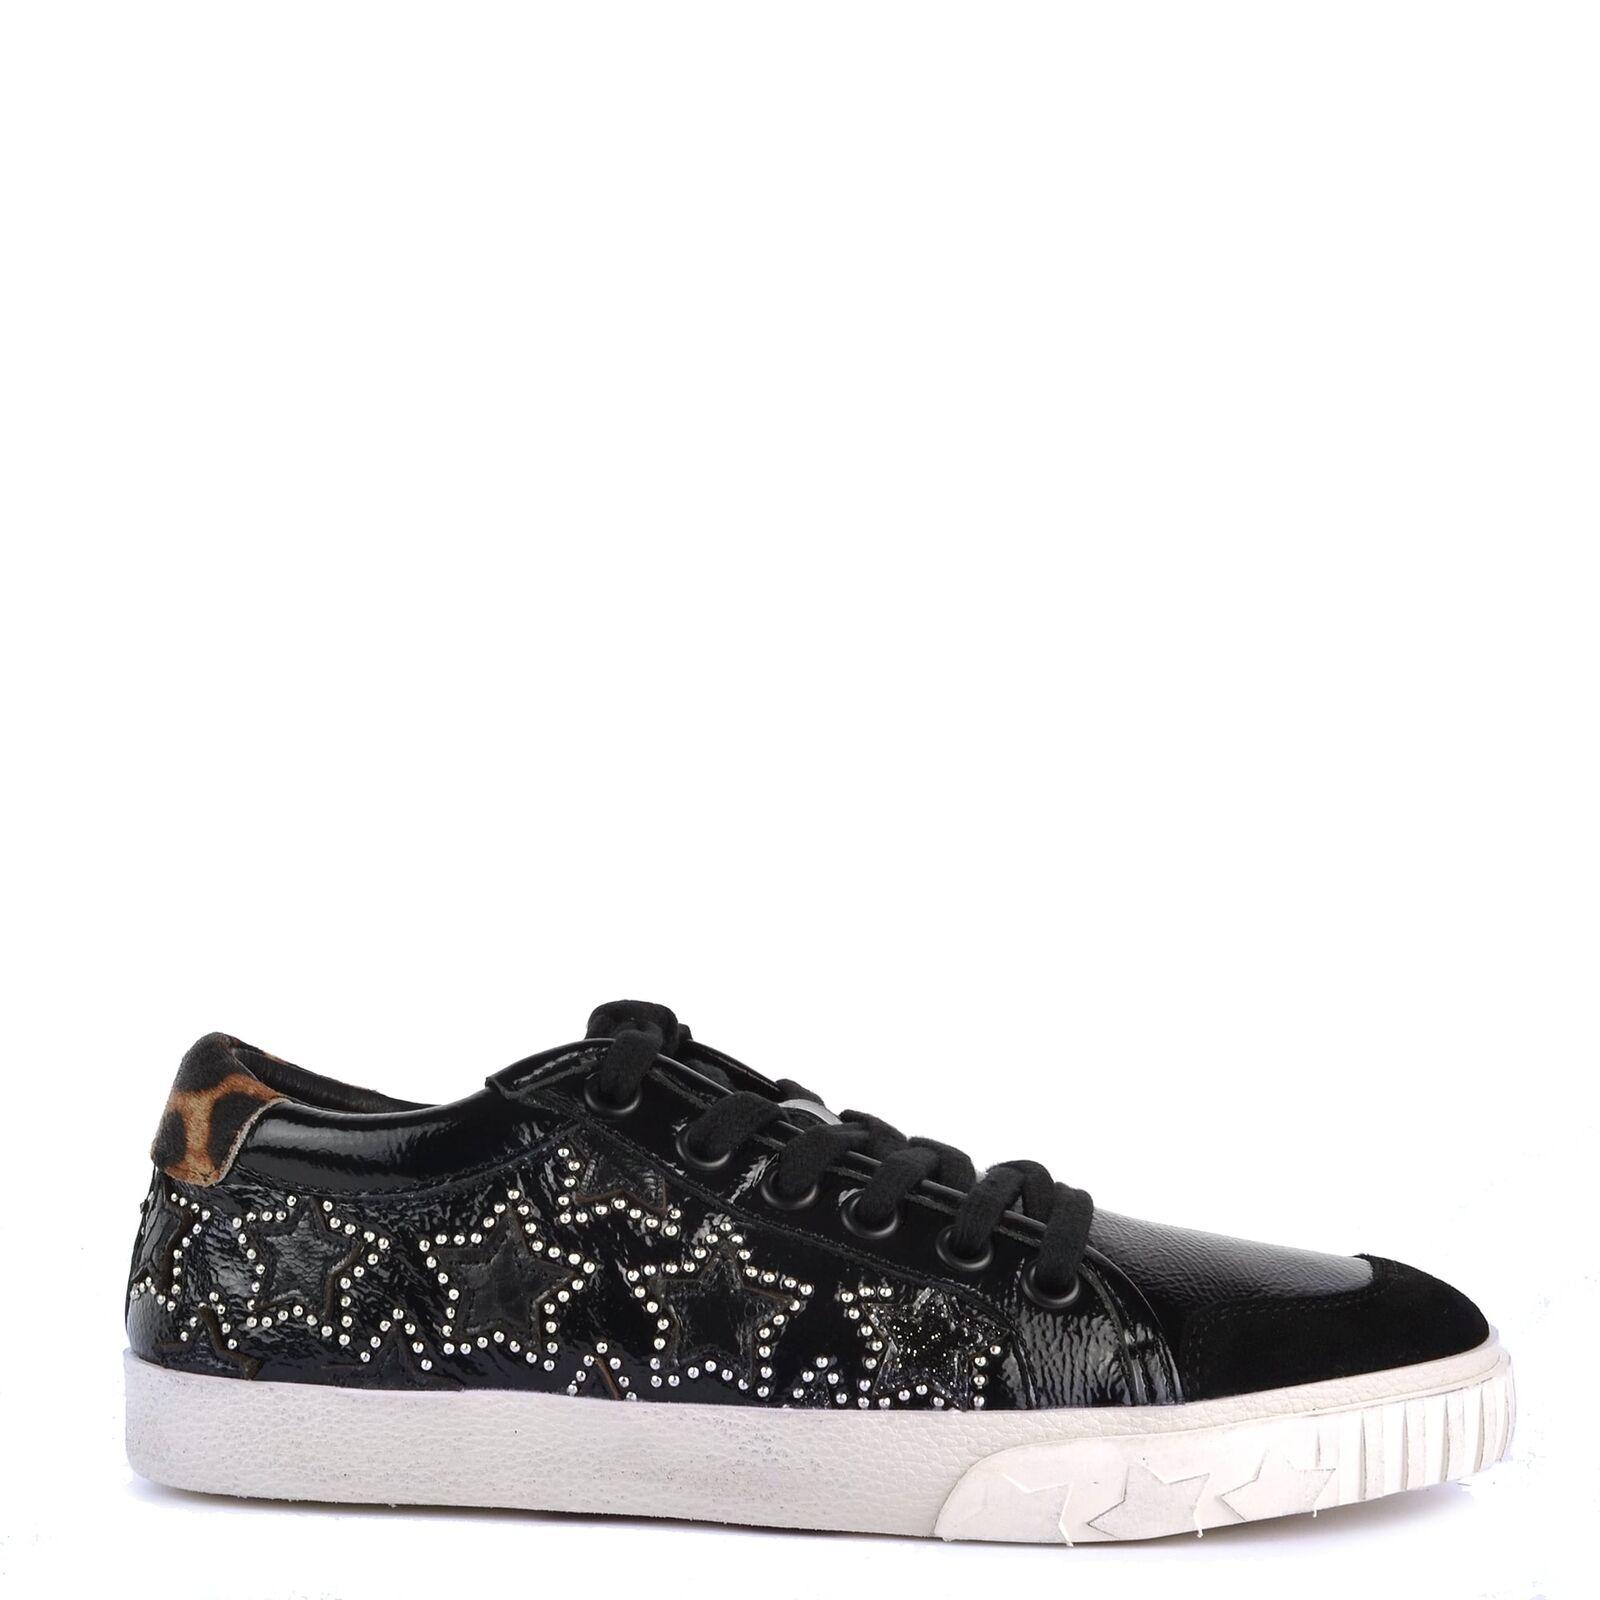 Ash Footwear Ash Schuhe Majestic Bis Turnschuhe Schwarz und Leopard Damen